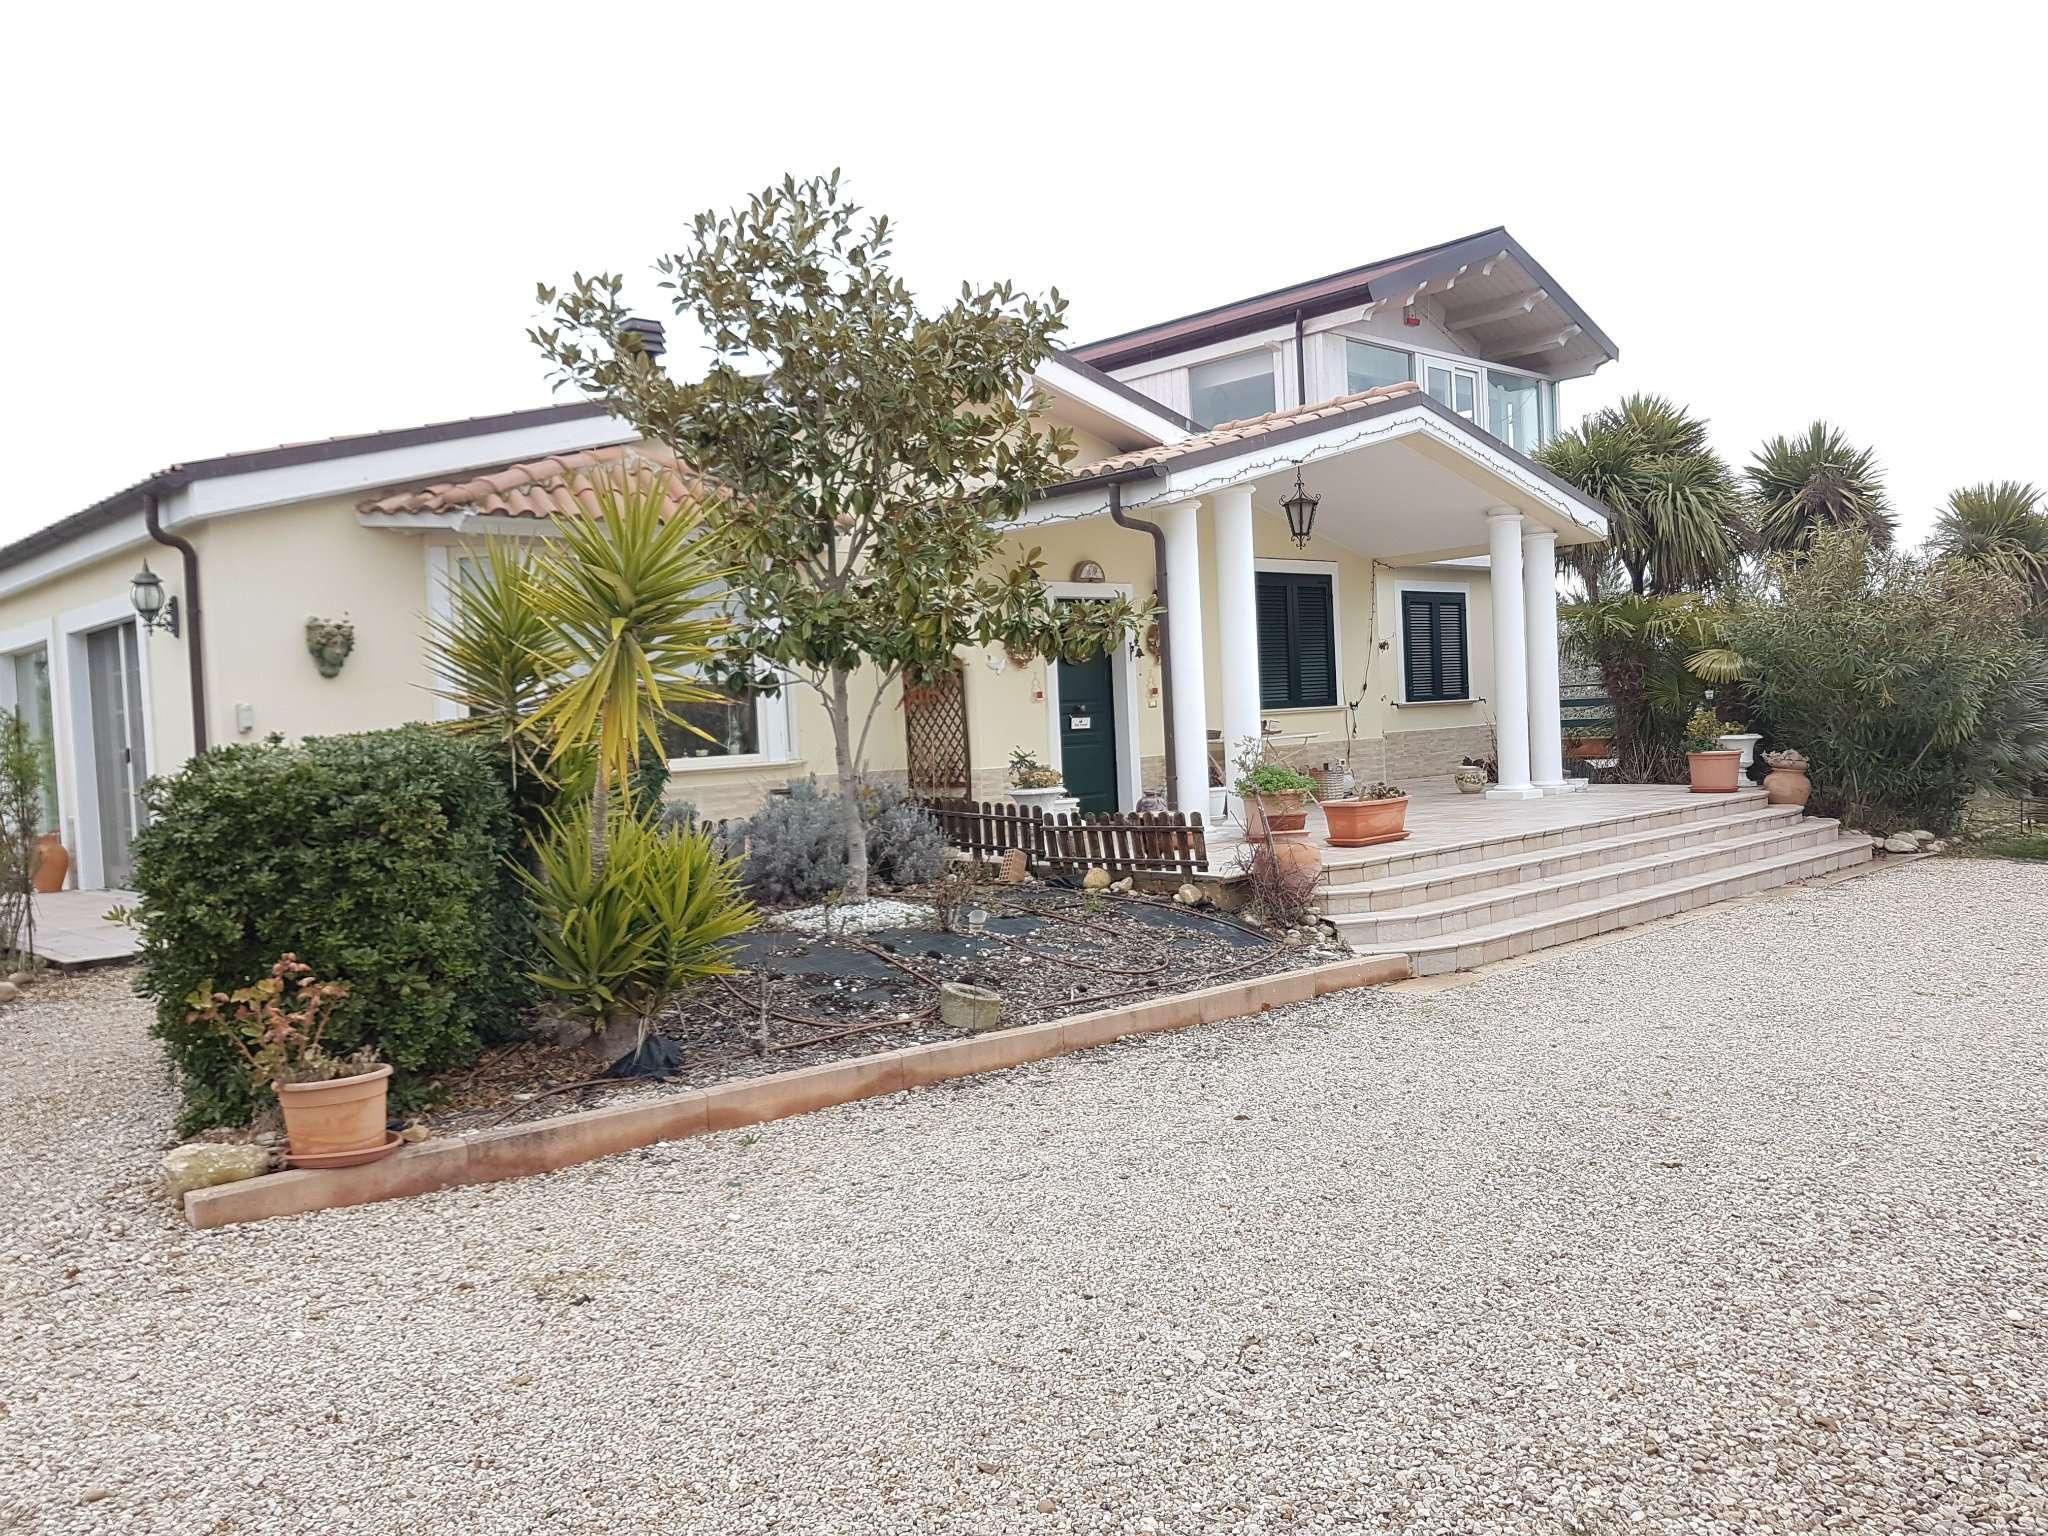 Villa in affitto a Città Sant'Angelo, 6 locali, prezzo € 1.800   CambioCasa.it